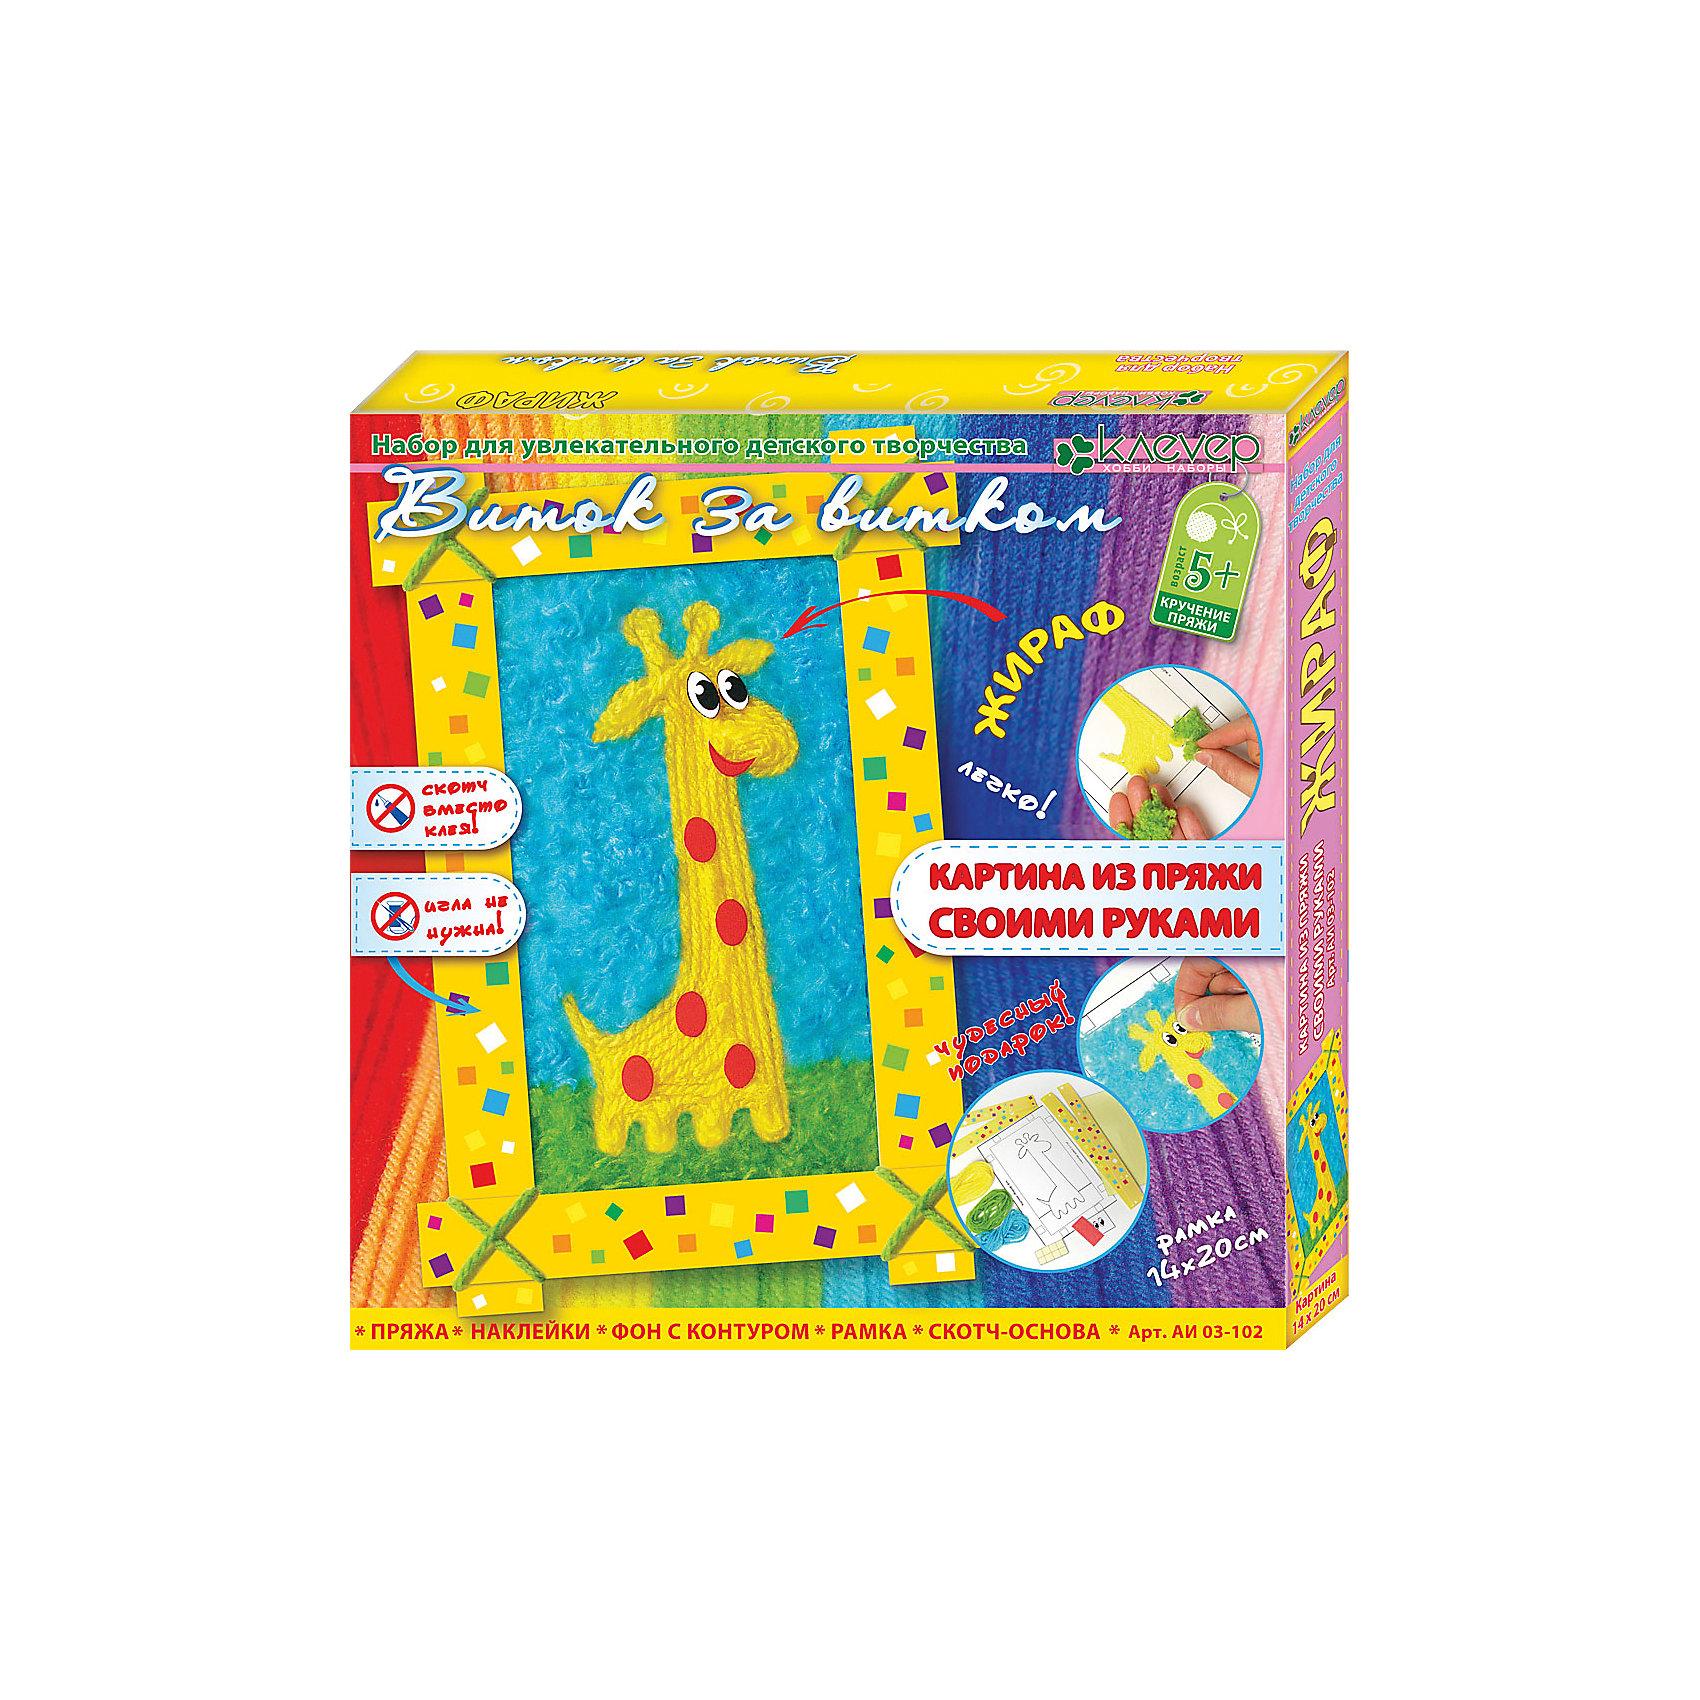 Набор для изготовления картины ЖирафШерсть<br>Характеристики:<br><br>• Коллекция: Виток за витком<br>• Тематика картины: животные<br>• Уровень сложности: средний<br>• Материал: картон, бумага, скотч<br>• Комплектация: цветная пряжа, наклейки, самоклеящаяся плёнка, фон с нанесенным контуром, комплект рамок, скотч, инструкция<br>• Форма картины: 3d<br>• Размеры готовой картины (Ш*В): 20*14 см<br>• Размеры (Д*Ш*В): 21*21*25 см<br>• Вес: 46 г <br>• Упаковка: картонная коробка<br><br>Уникальность данных наборов заключается в том, что они состоят из материалов разных фактур. Благодаря использованию двухстороннего скотча, рабочее место и одежда ребенка не будет испачкана, а поделка будет выглядеть объемной и аккуратной.<br><br>Набор для изготовления картины Жираф – состоит из всех необходимых материалов для создания аппликации и шерсти с эффектом тканого полотна. На картинке изображен веселый жираф. Для оформления картины в наборе предусмотрена рамка.<br><br>Набор для изготовления картины Жираф можно купить в нашем интернет-магазине.<br><br>Ширина мм: 210<br>Глубина мм: 210<br>Высота мм: 250<br>Вес г: 46<br>Возраст от месяцев: 60<br>Возраст до месяцев: 144<br>Пол: Унисекс<br>Возраст: Детский<br>SKU: 5541464